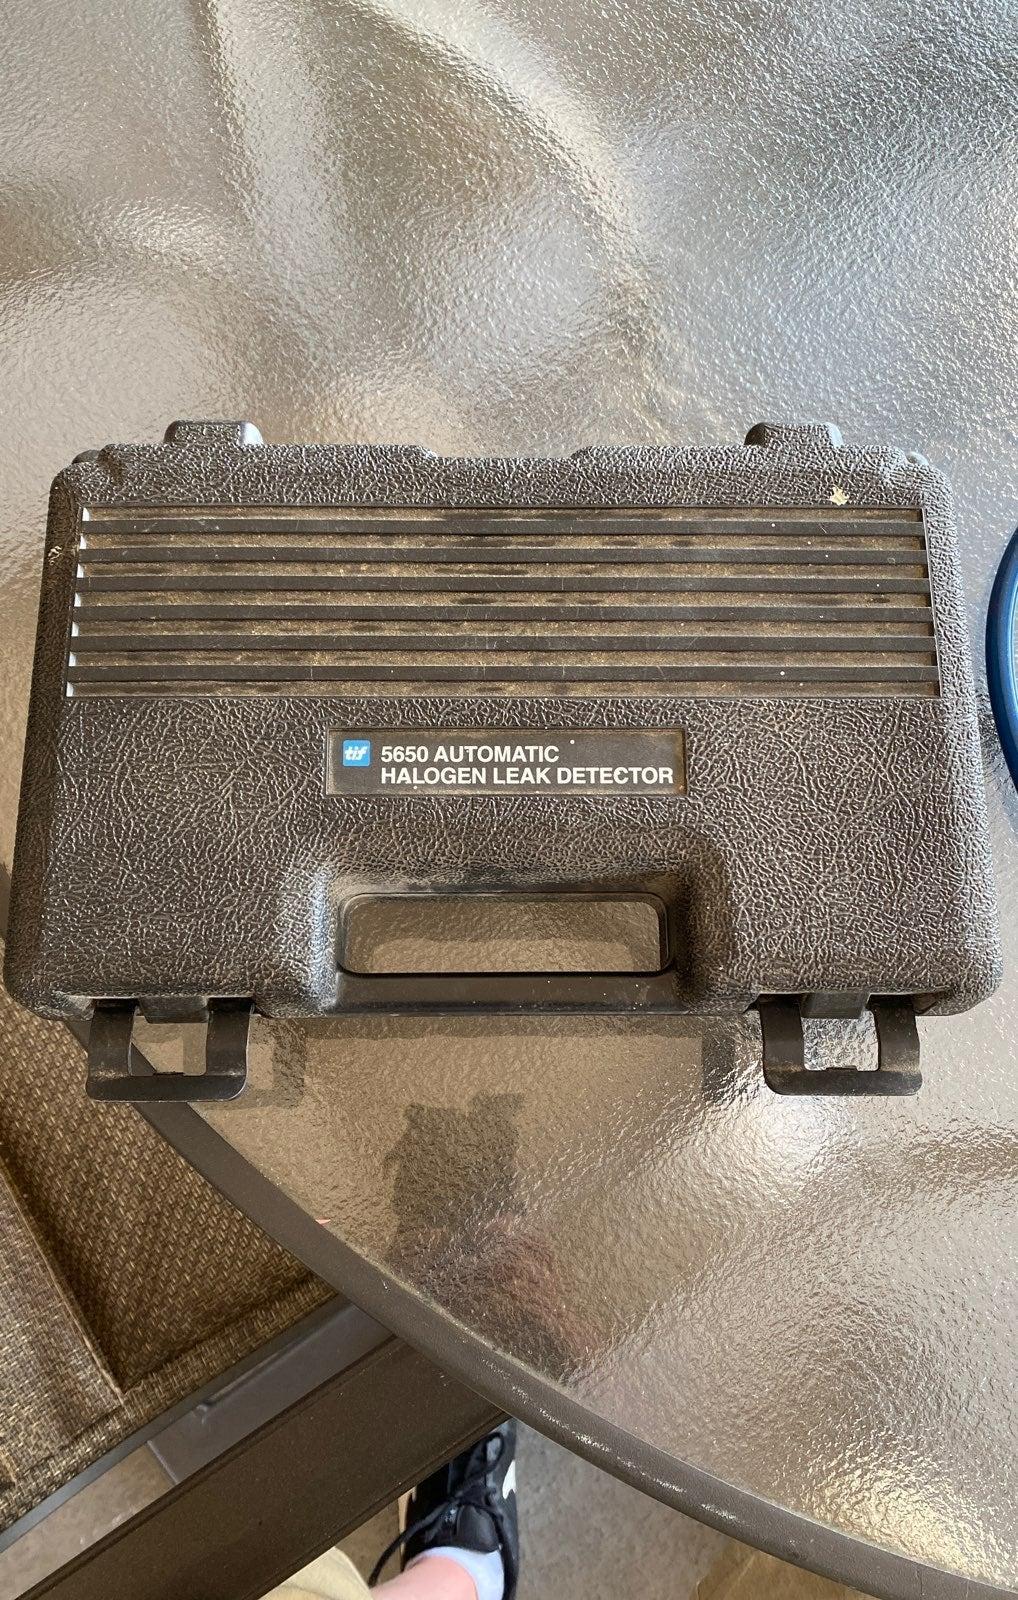 Tif 5650 leak detector